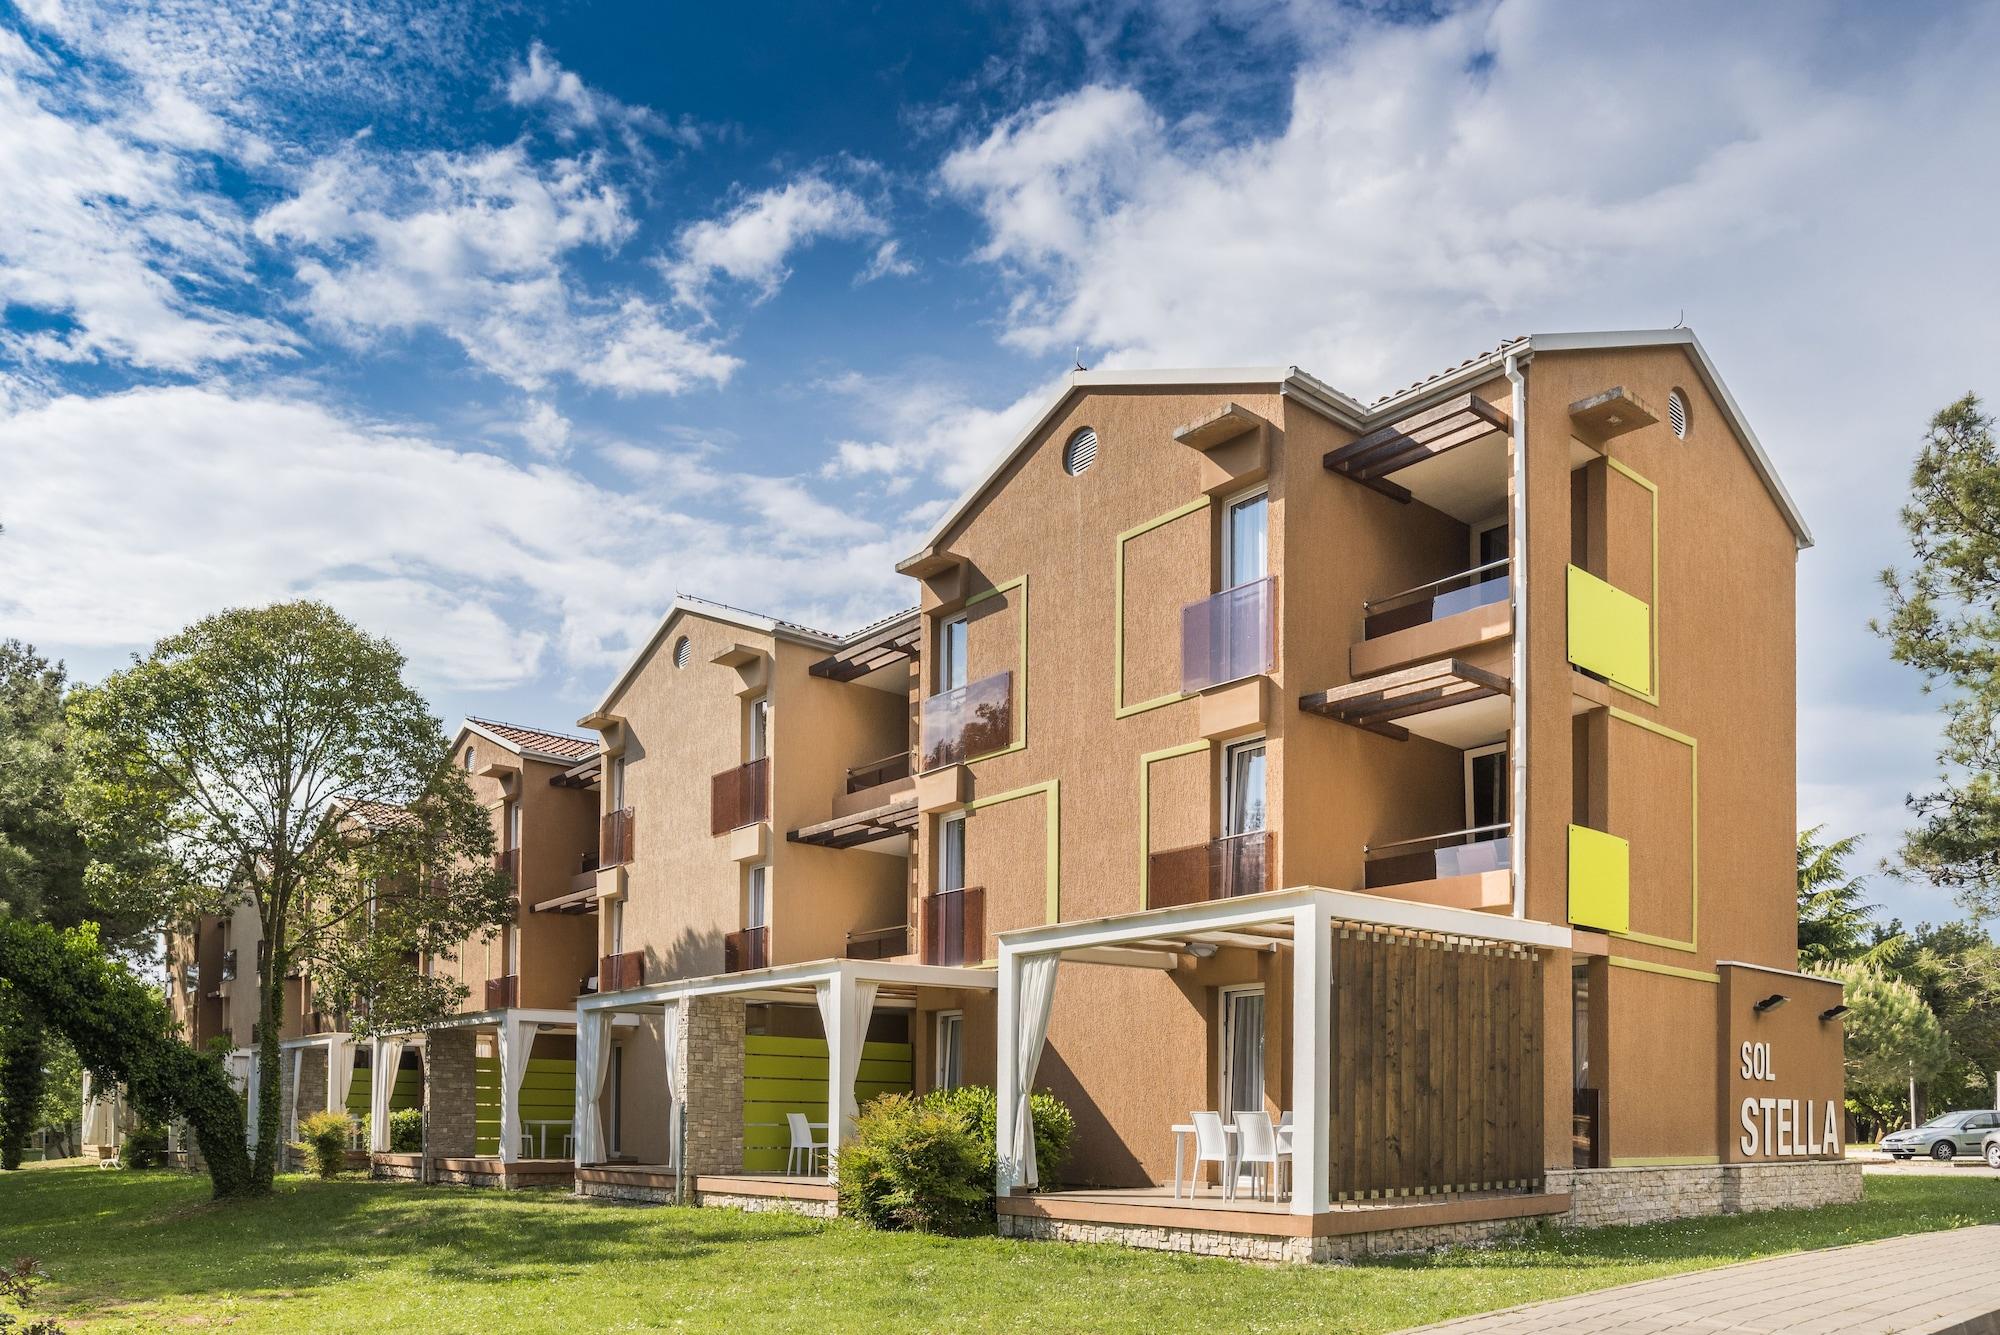 Apartments Sol Stella For Plava Laguna, Umag